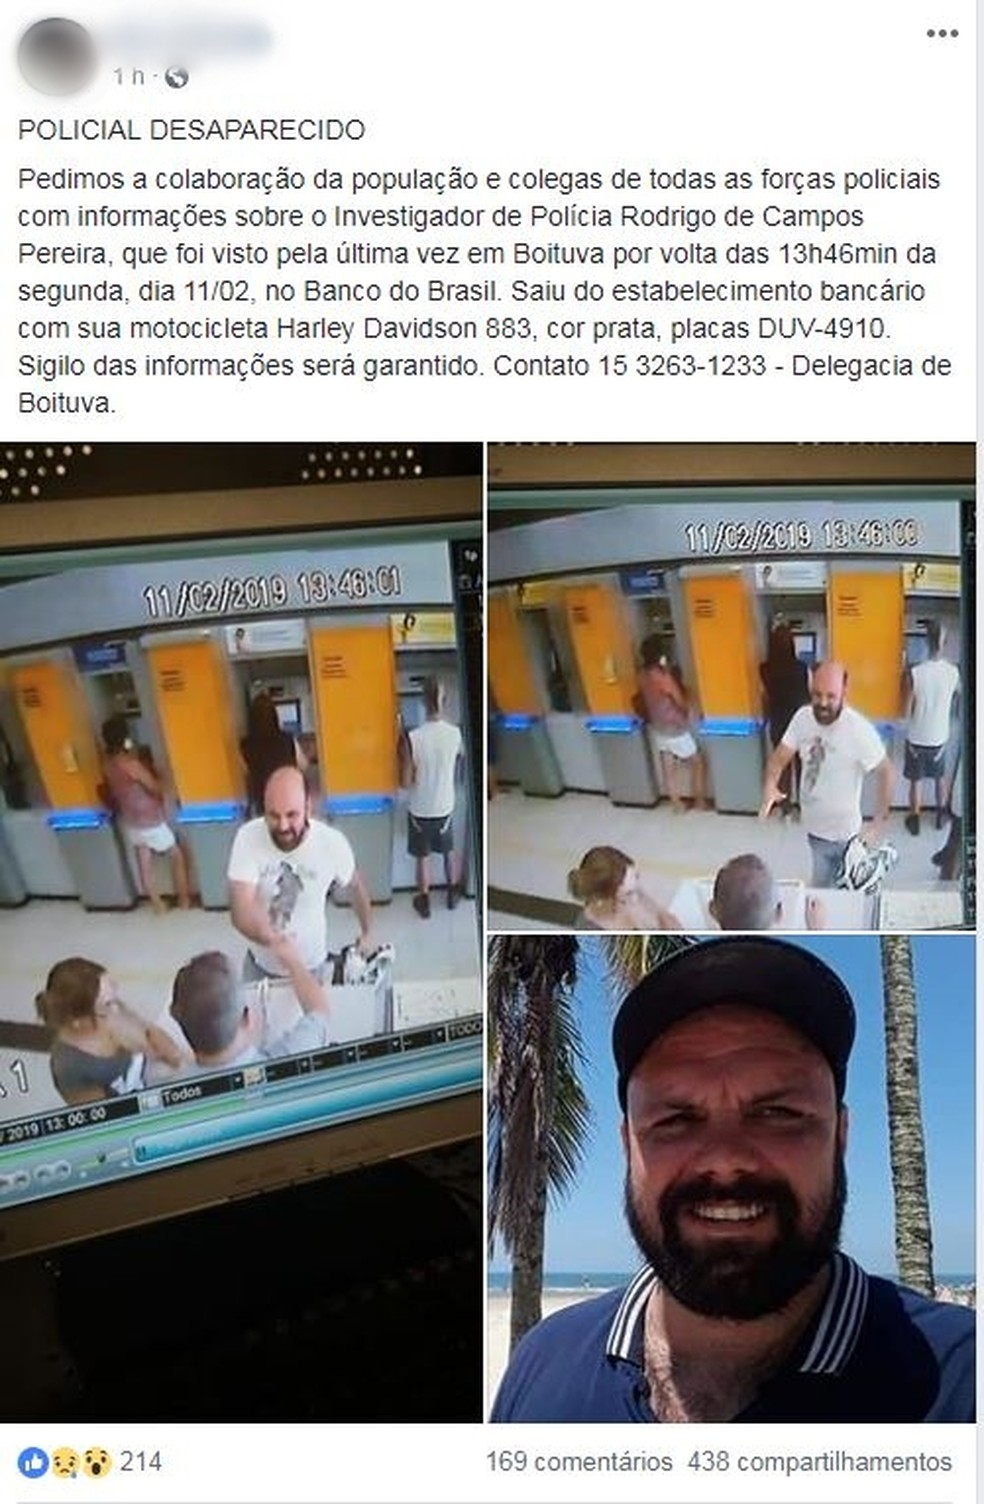 Imagens do policial em banco circularam nas redes sociais — Foto: Reprodução/Facebook